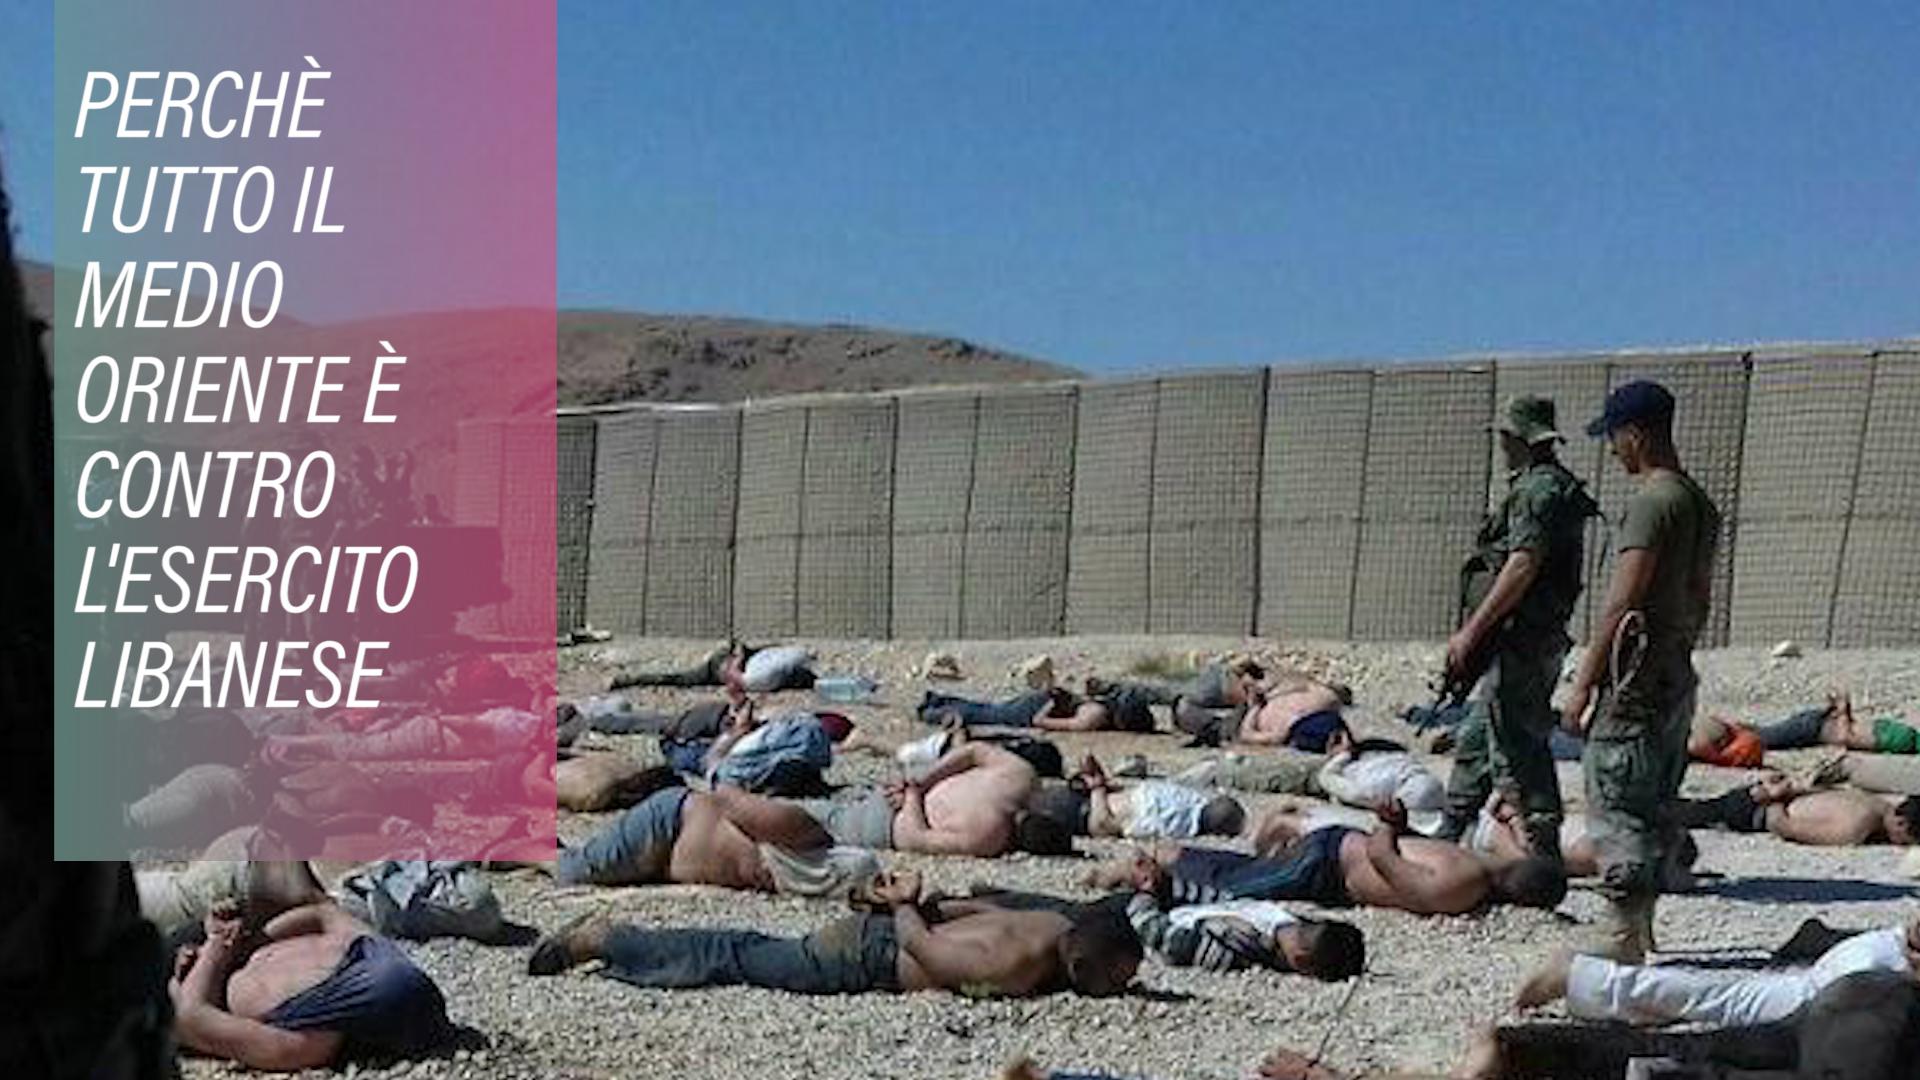 L'esercito libanese ha torturato a morte i rifugiati?